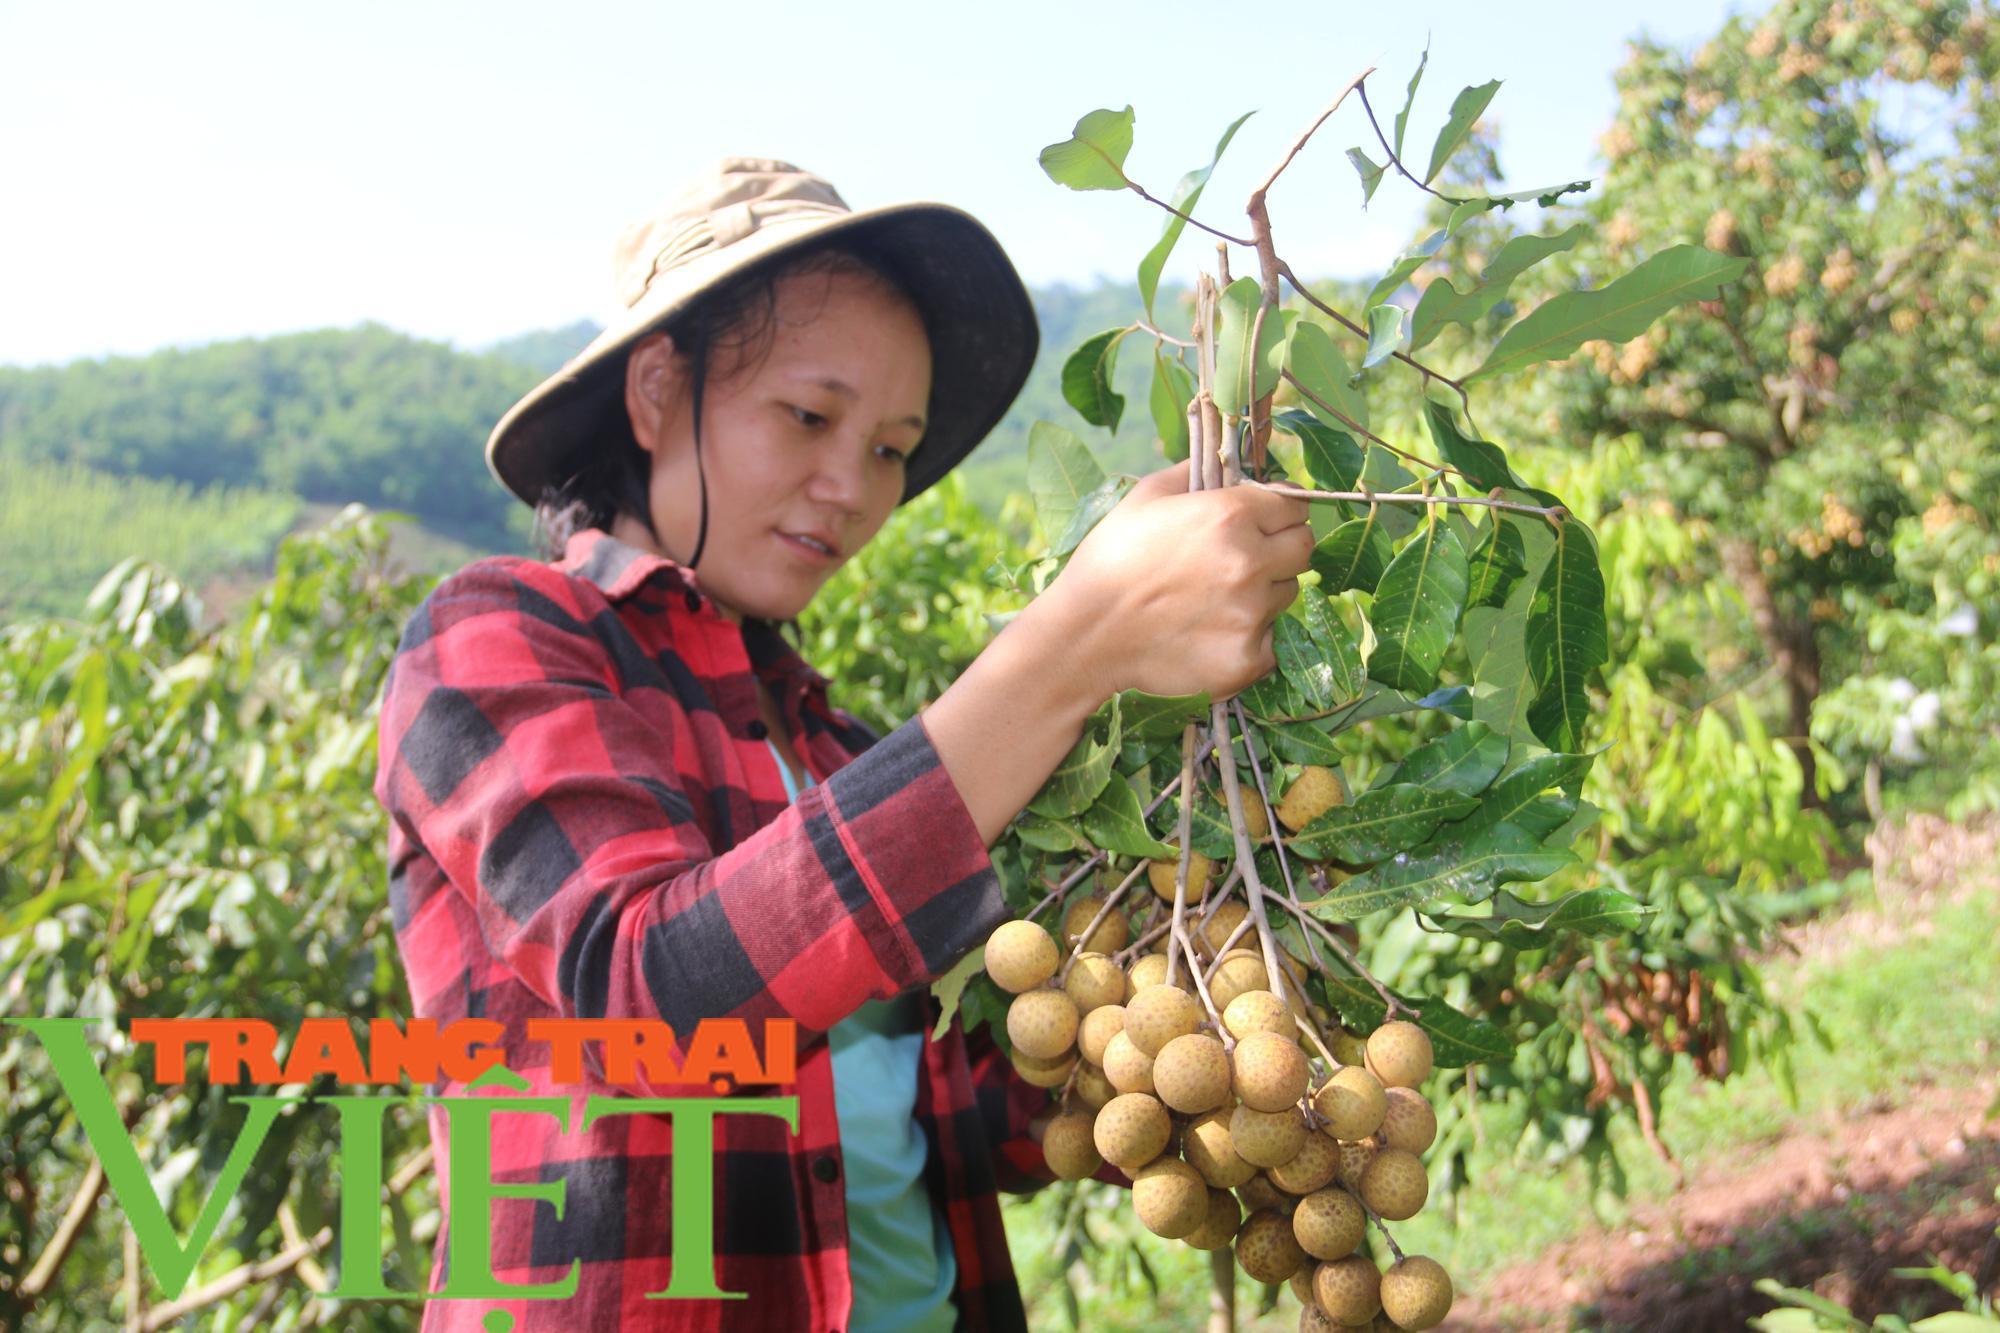 Hội Nông dân Yên Châu: Nhiều giải pháp giúp hội viên phát triển sản xuất - Ảnh 1.